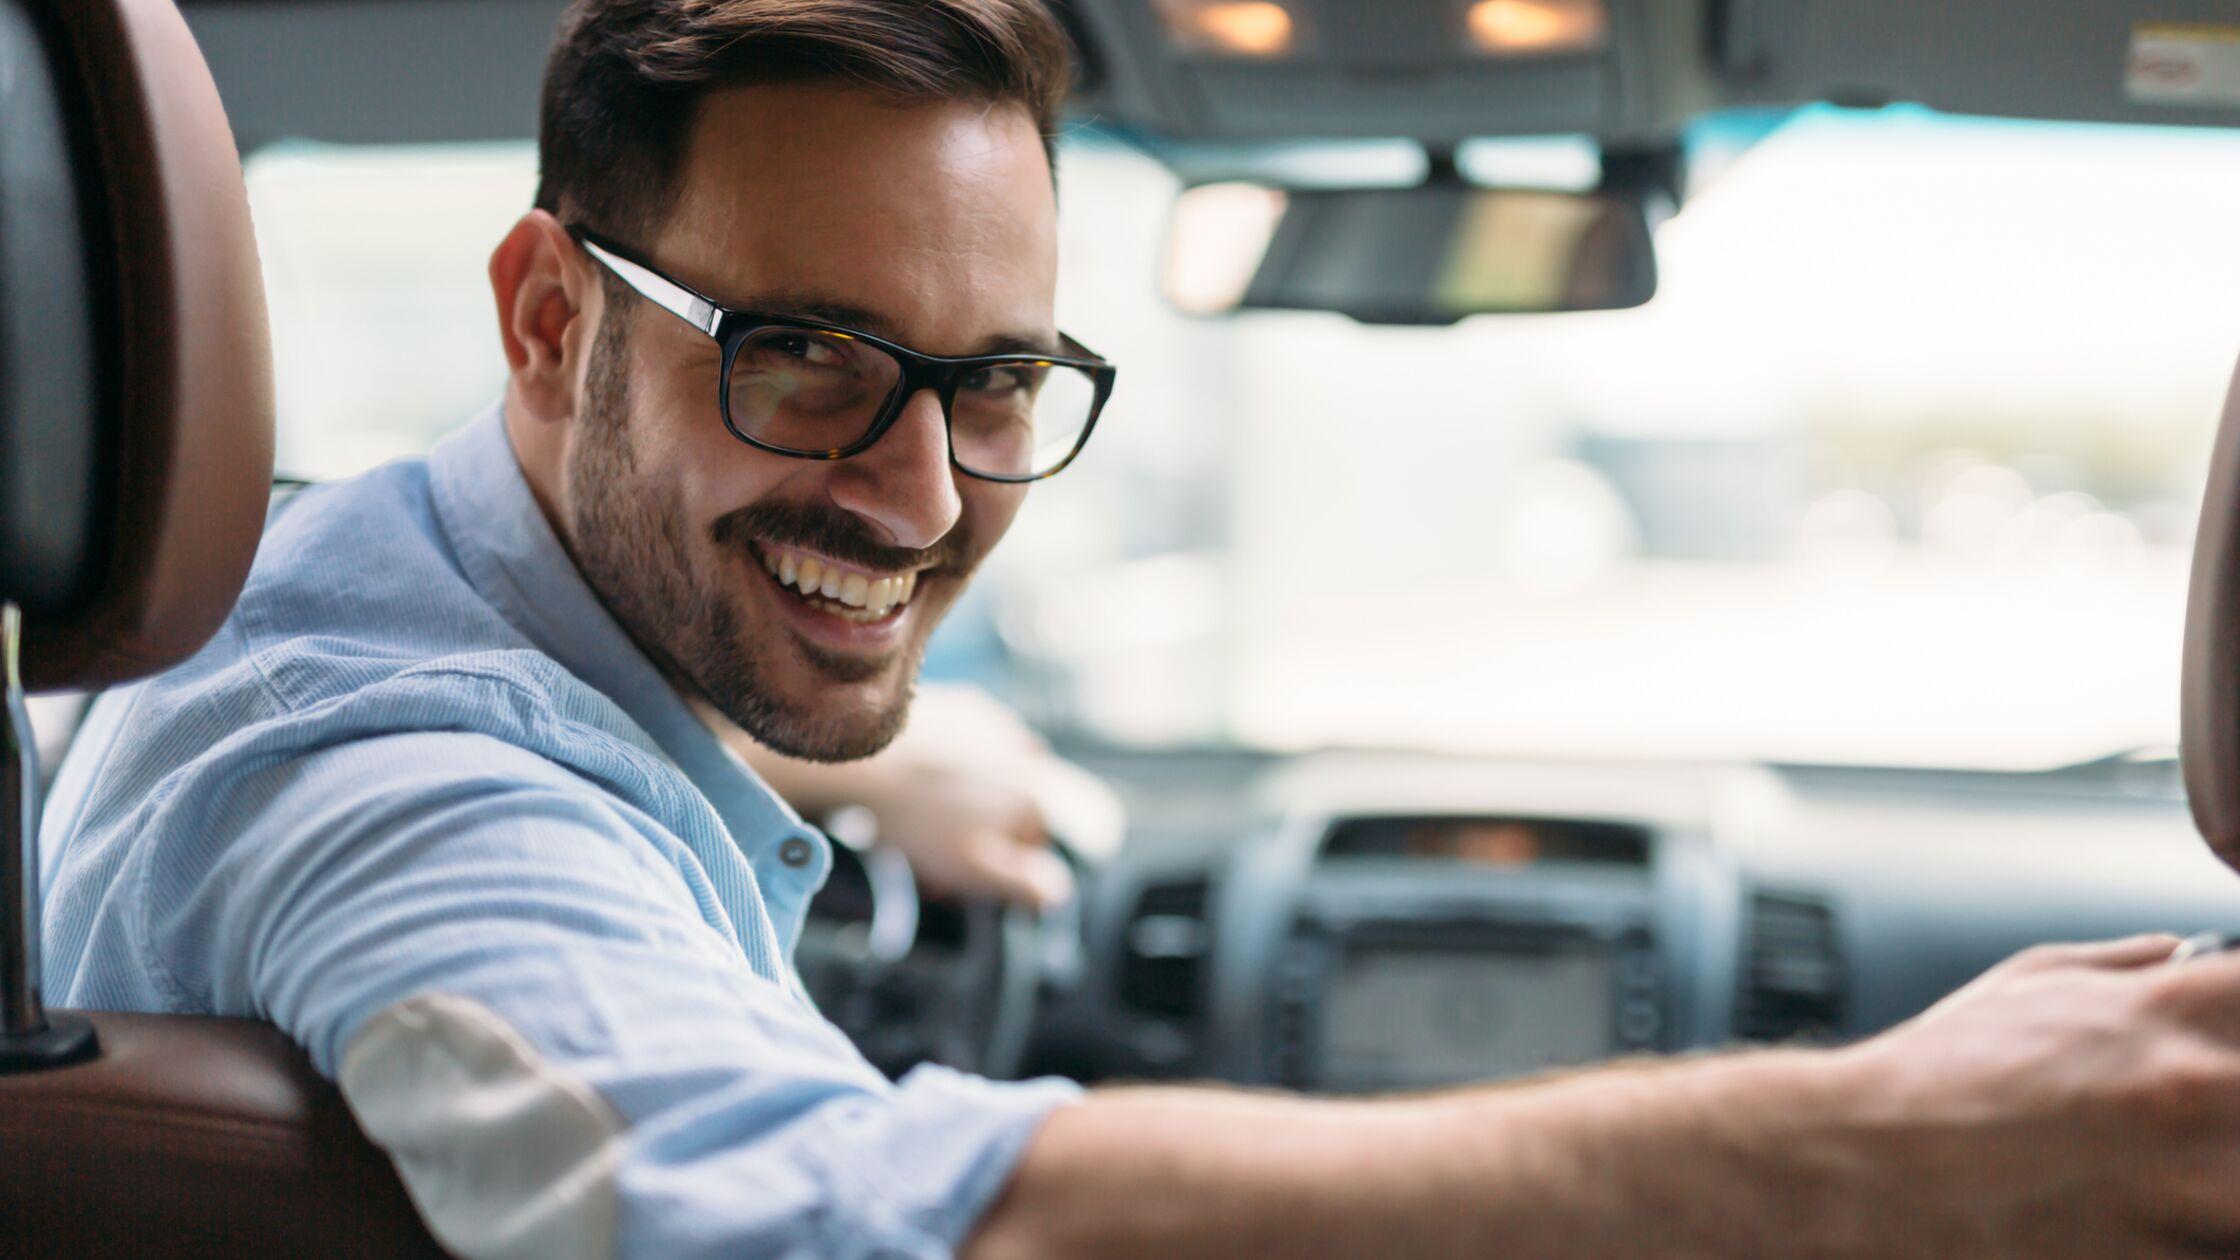 Mann sitzt lächelnd im Auto und schaut nach hinten